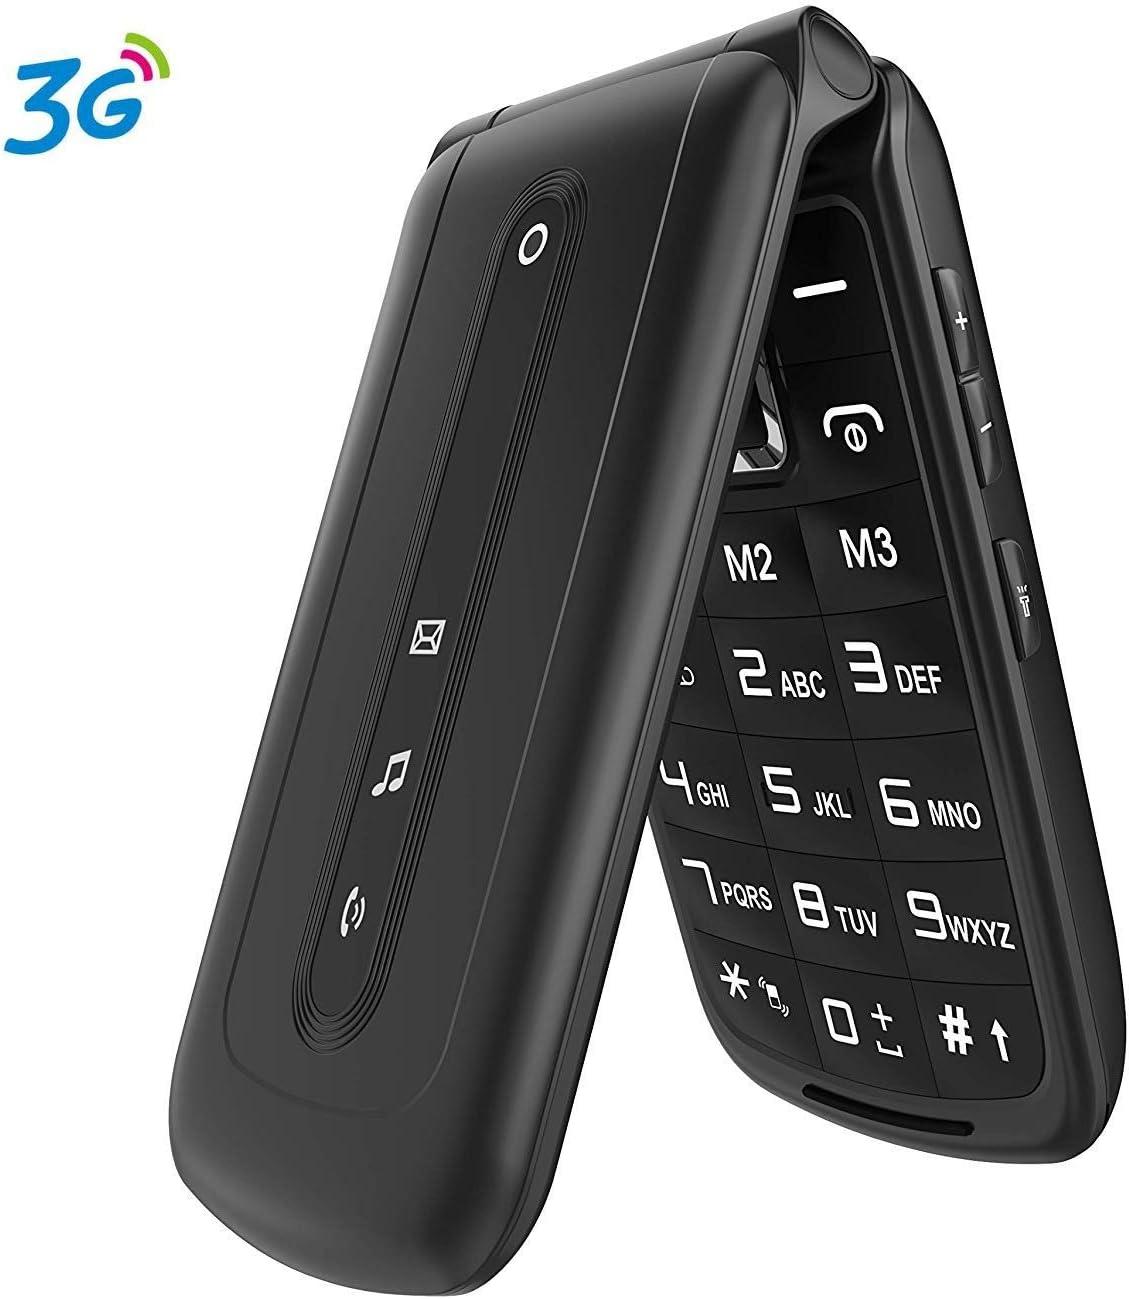 Ushining Teléfono Móvil, Teléfono Móvil para Mayores Teclas Grandes con Tapa Pantalla de 2,4 Pulgadas (Emergencia Botón SOS, 2G + 3G, Dual SIM, Cámara, Bluetooth, Reproductor MP3) - Negro